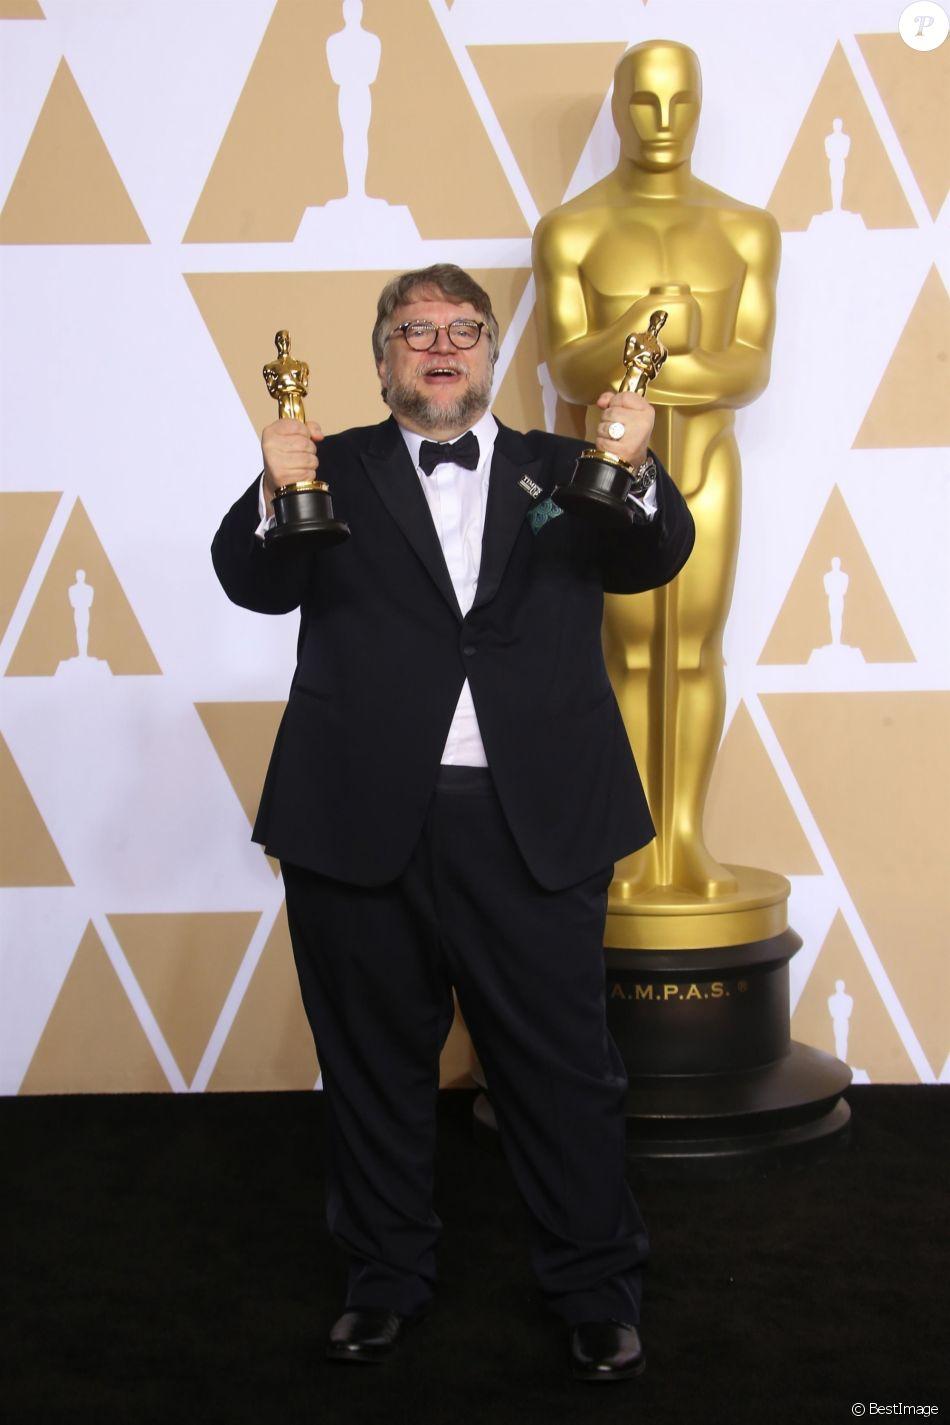 Guillermo del Toro (Oscar du meilleur film pour 'La Forme de l'eau') à la press room de la 90e cérémonie des Oscars 2018 au théâtre Dolby à Los Angeles, le 4 mars 2018